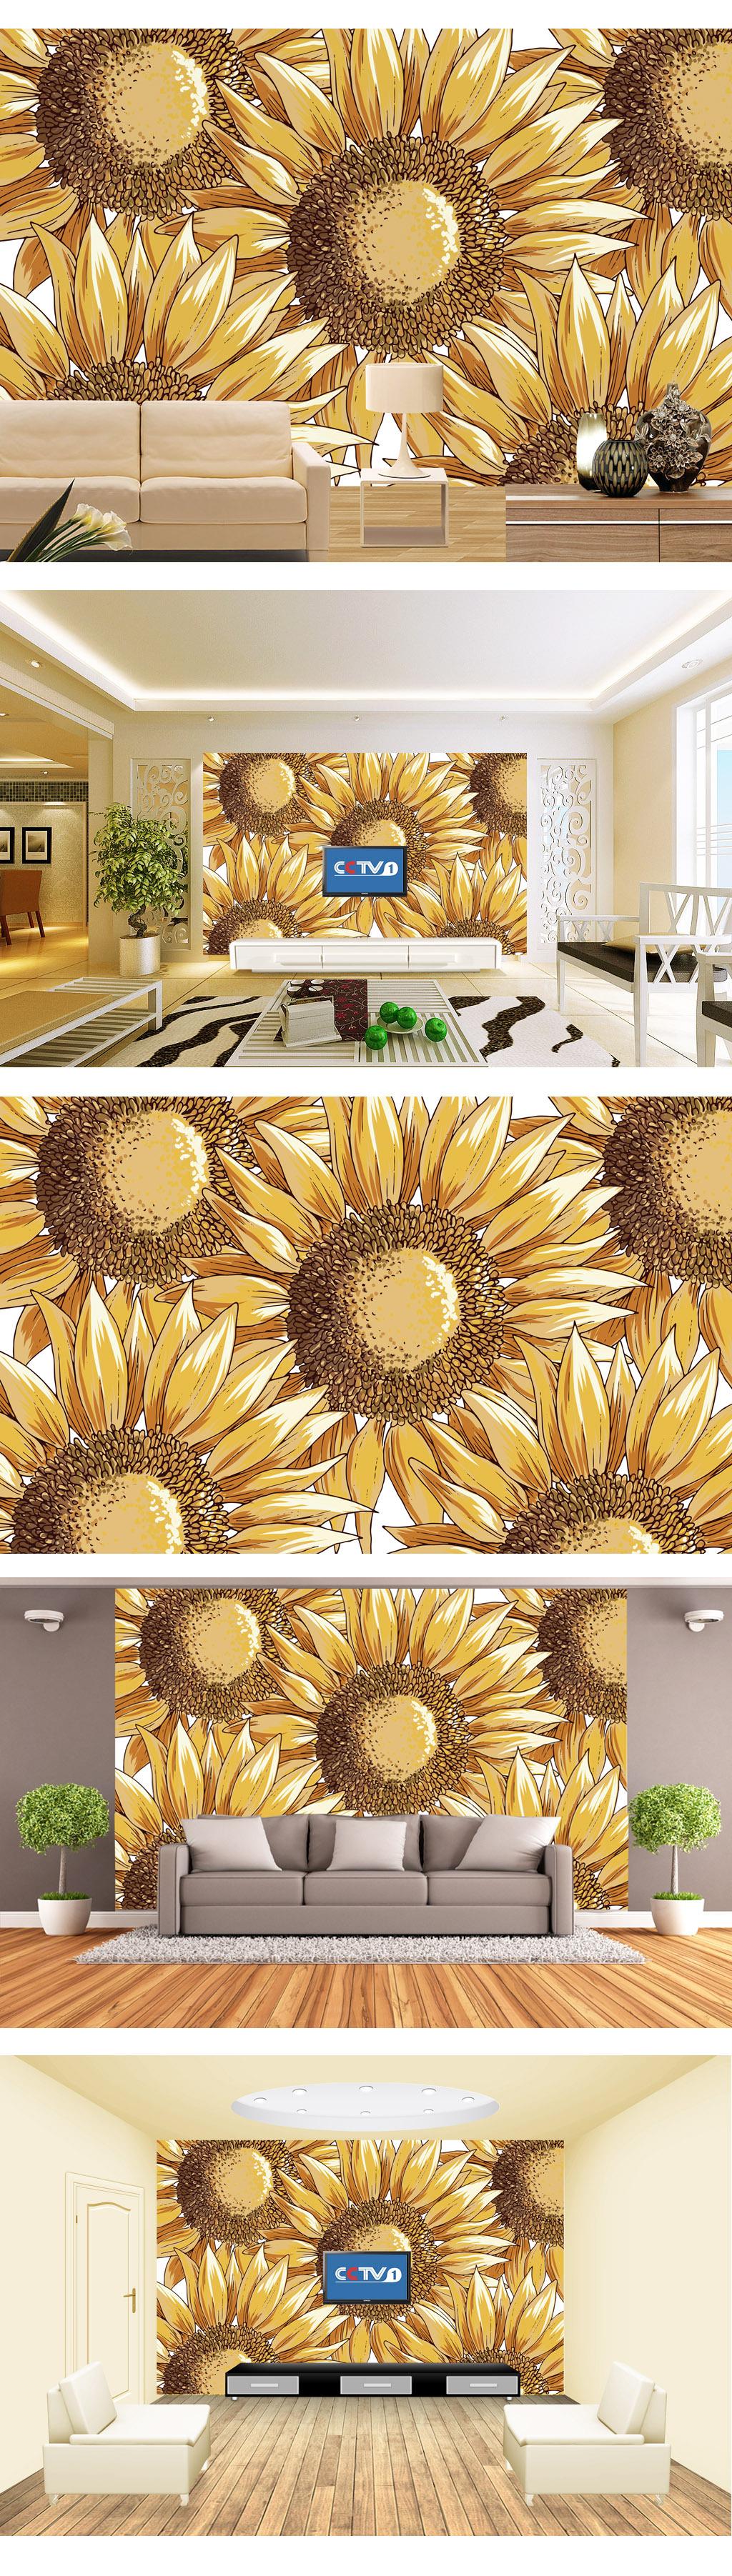 艺术手绘太阳花向日葵电视背景墙